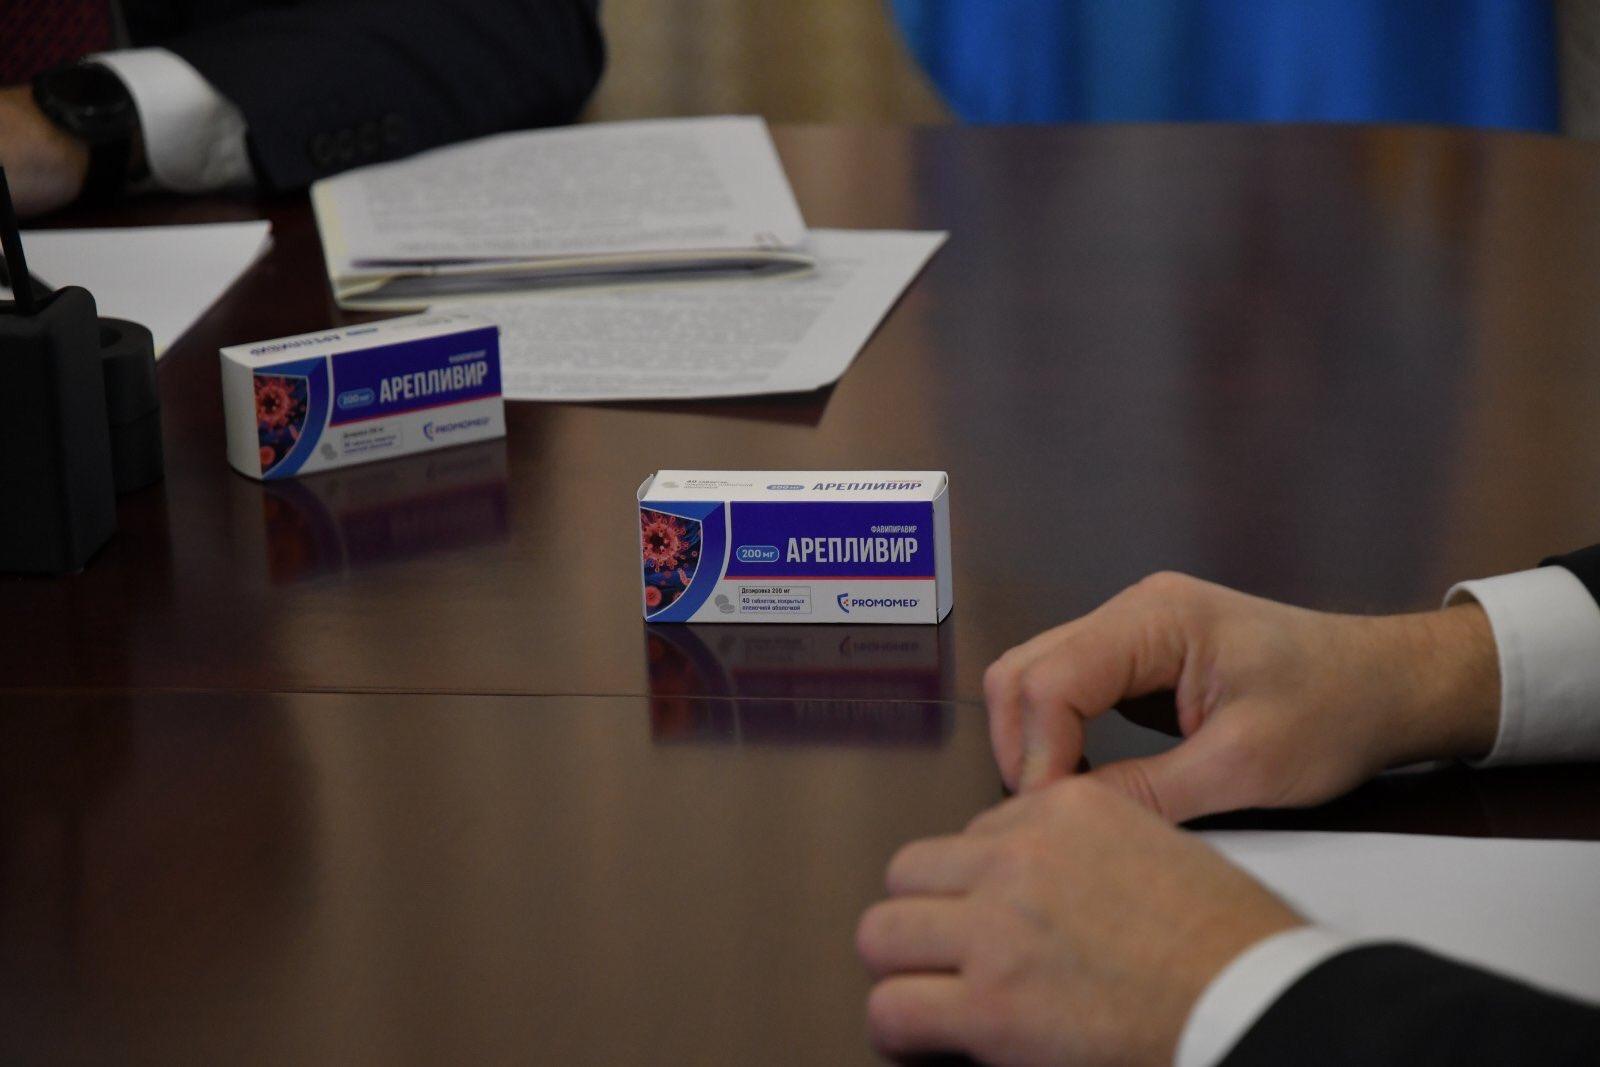 Врачи Самарской области получат инновационный препарат для лечения коронавируса